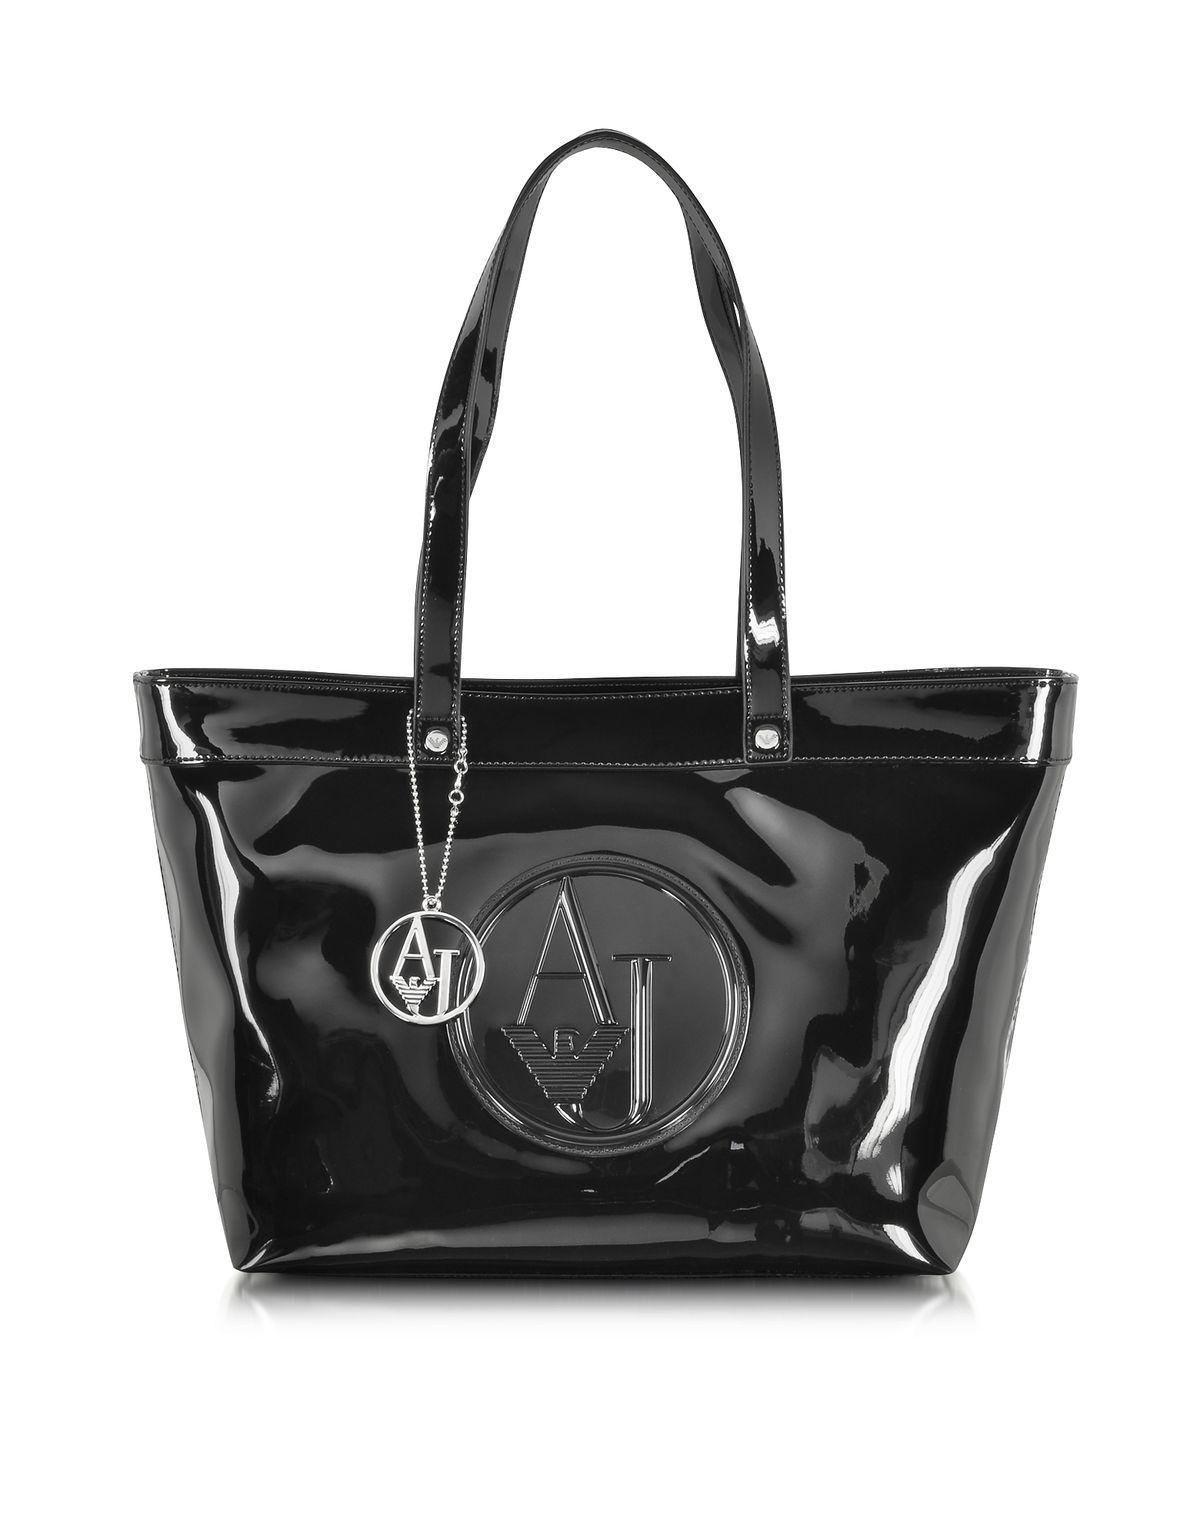 edc791ba6d6 Armani Jeans Armani Jeans Black Eco Patent Leather Large Tote Bag ...